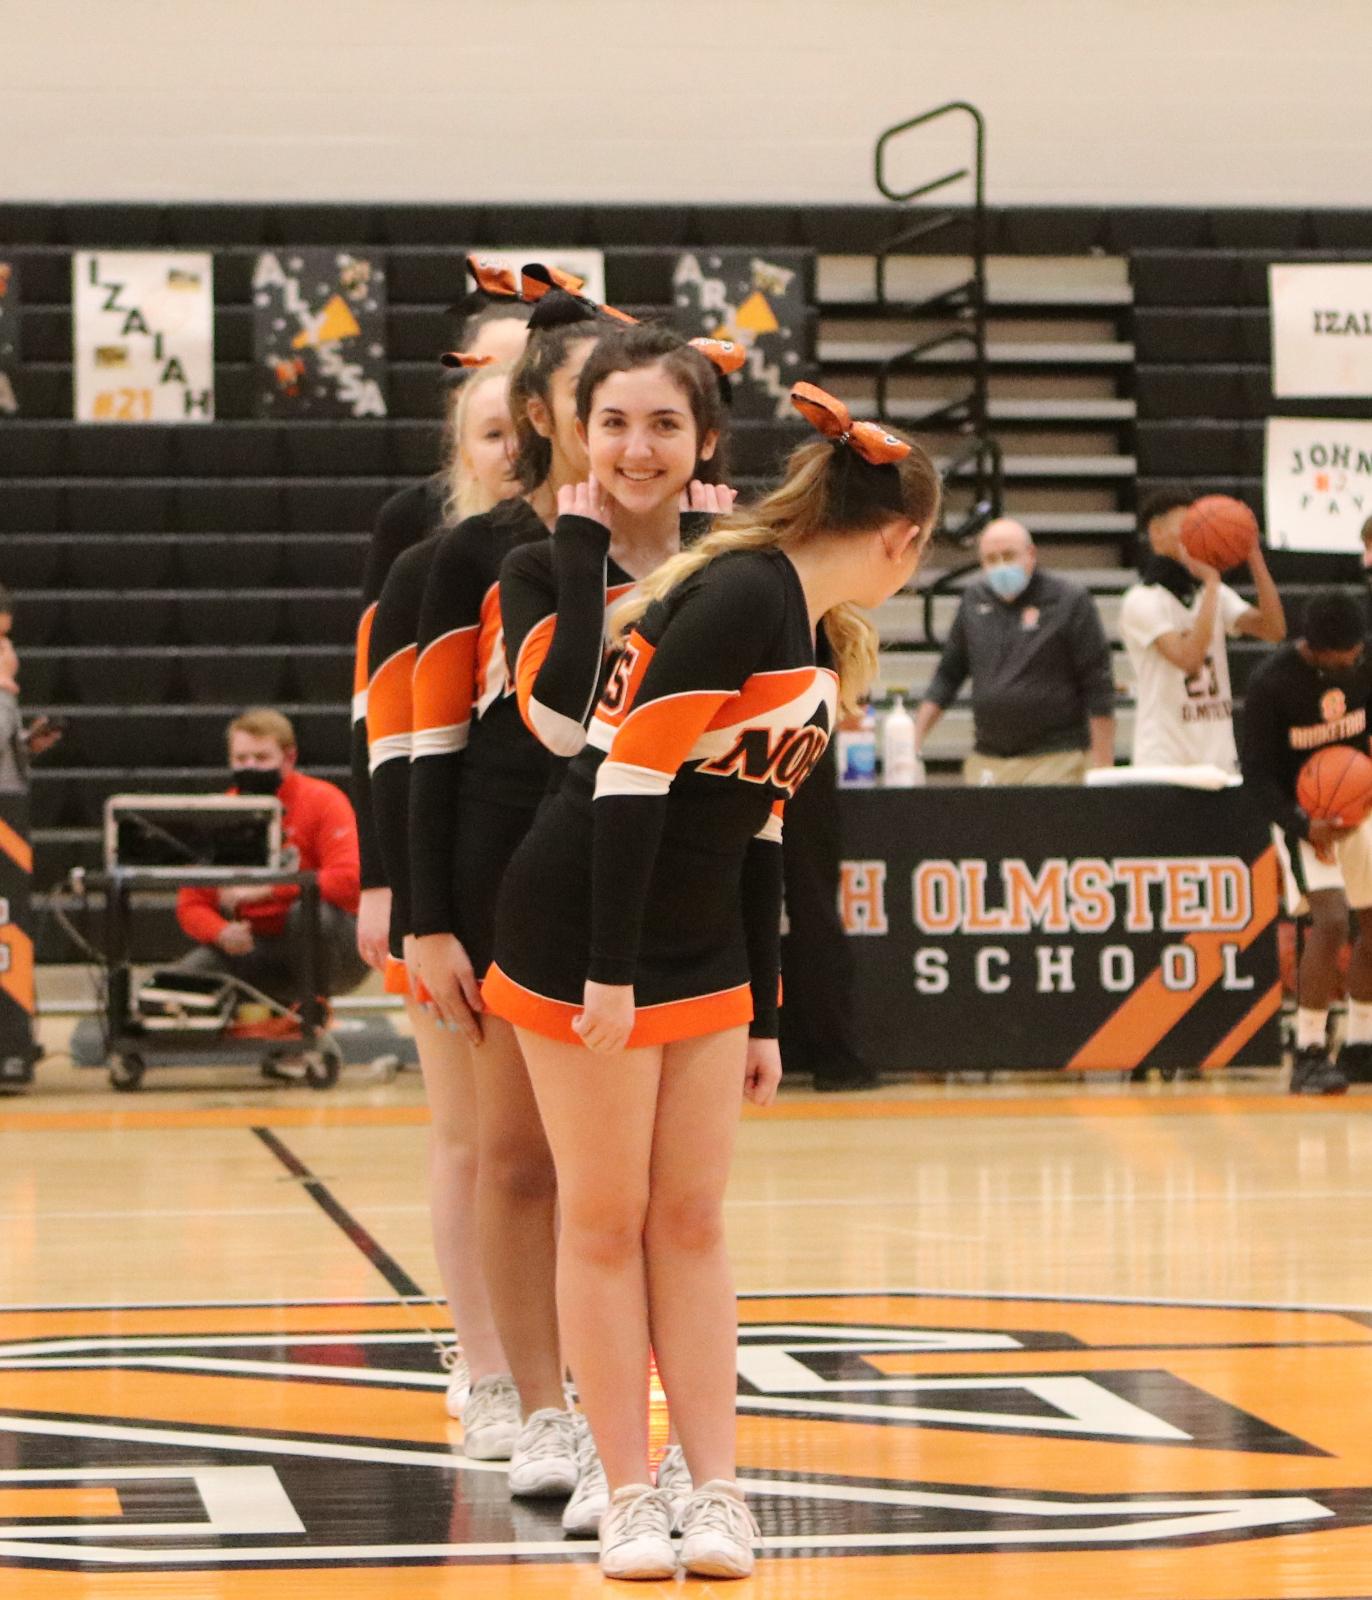 NOHS Cheerleaders